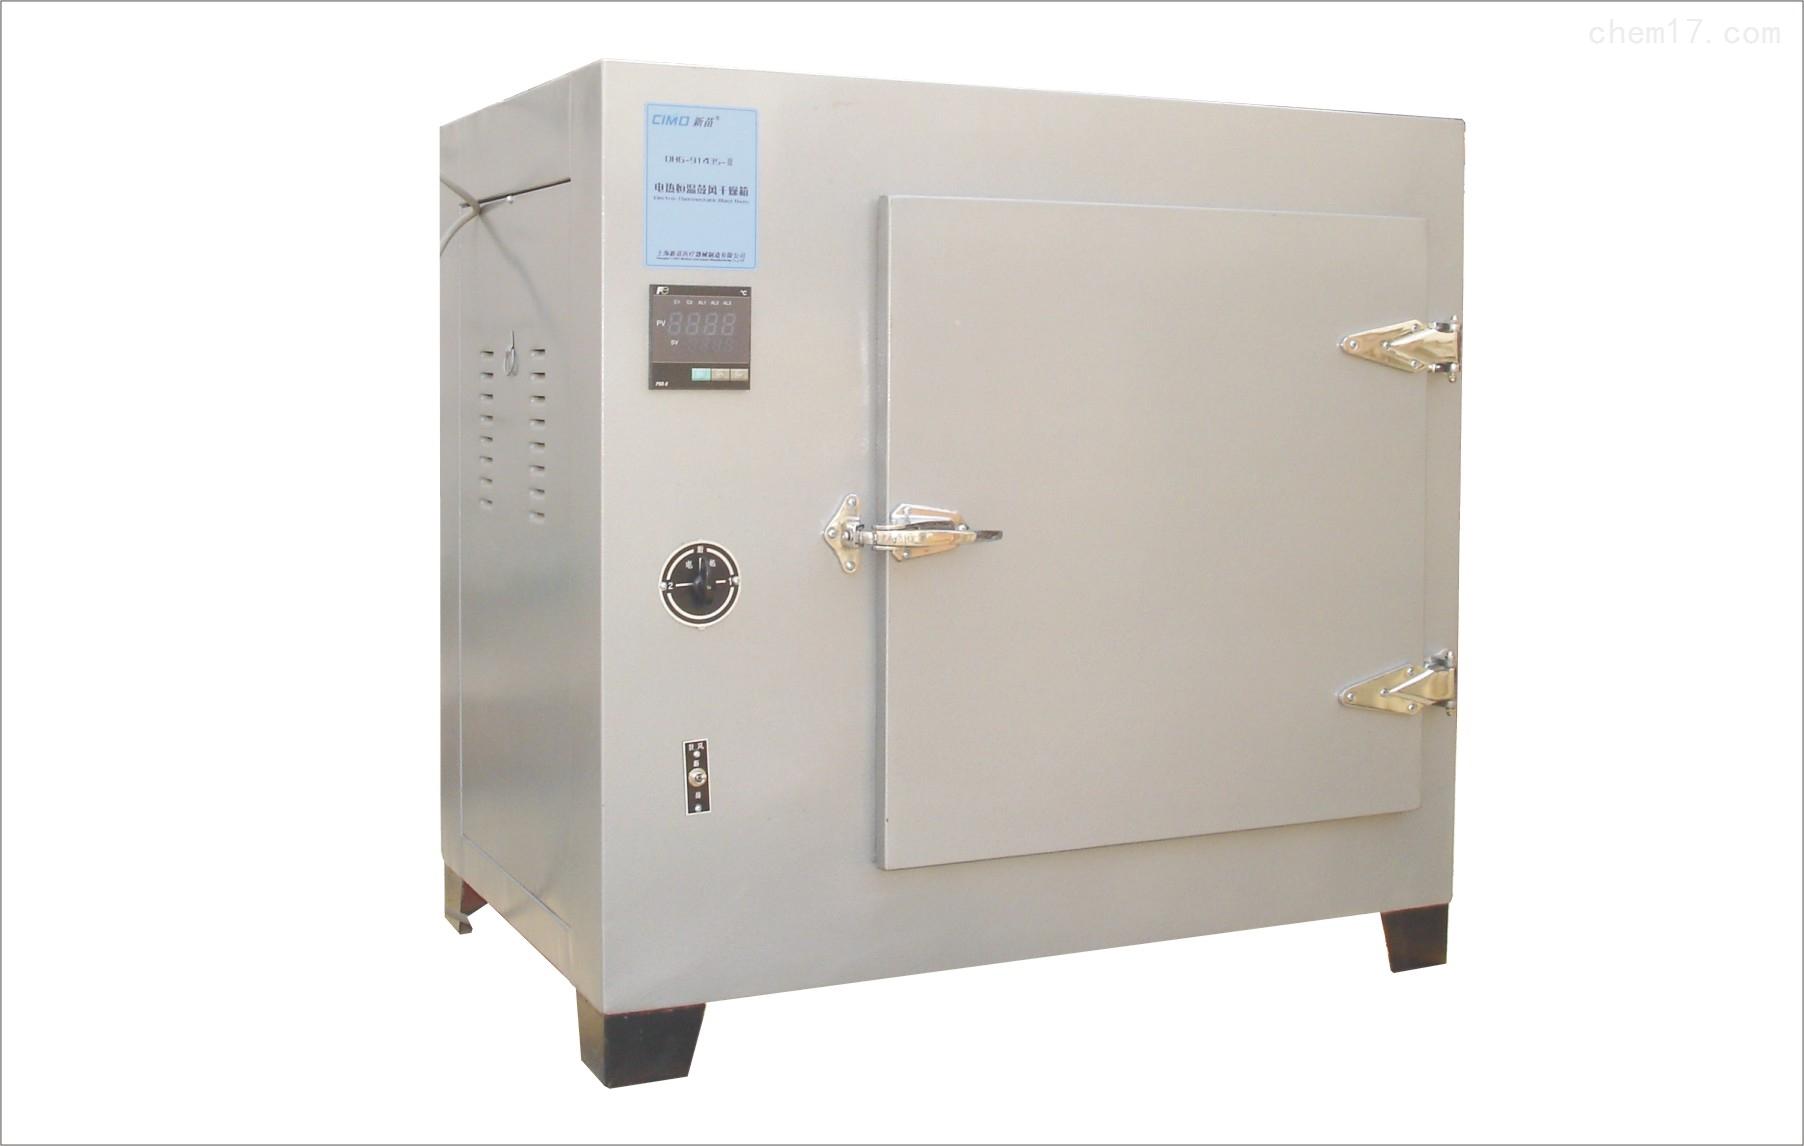 DHG-9243BS-III上海新苗电热恒温鼓风干燥箱 500℃高温烘箱